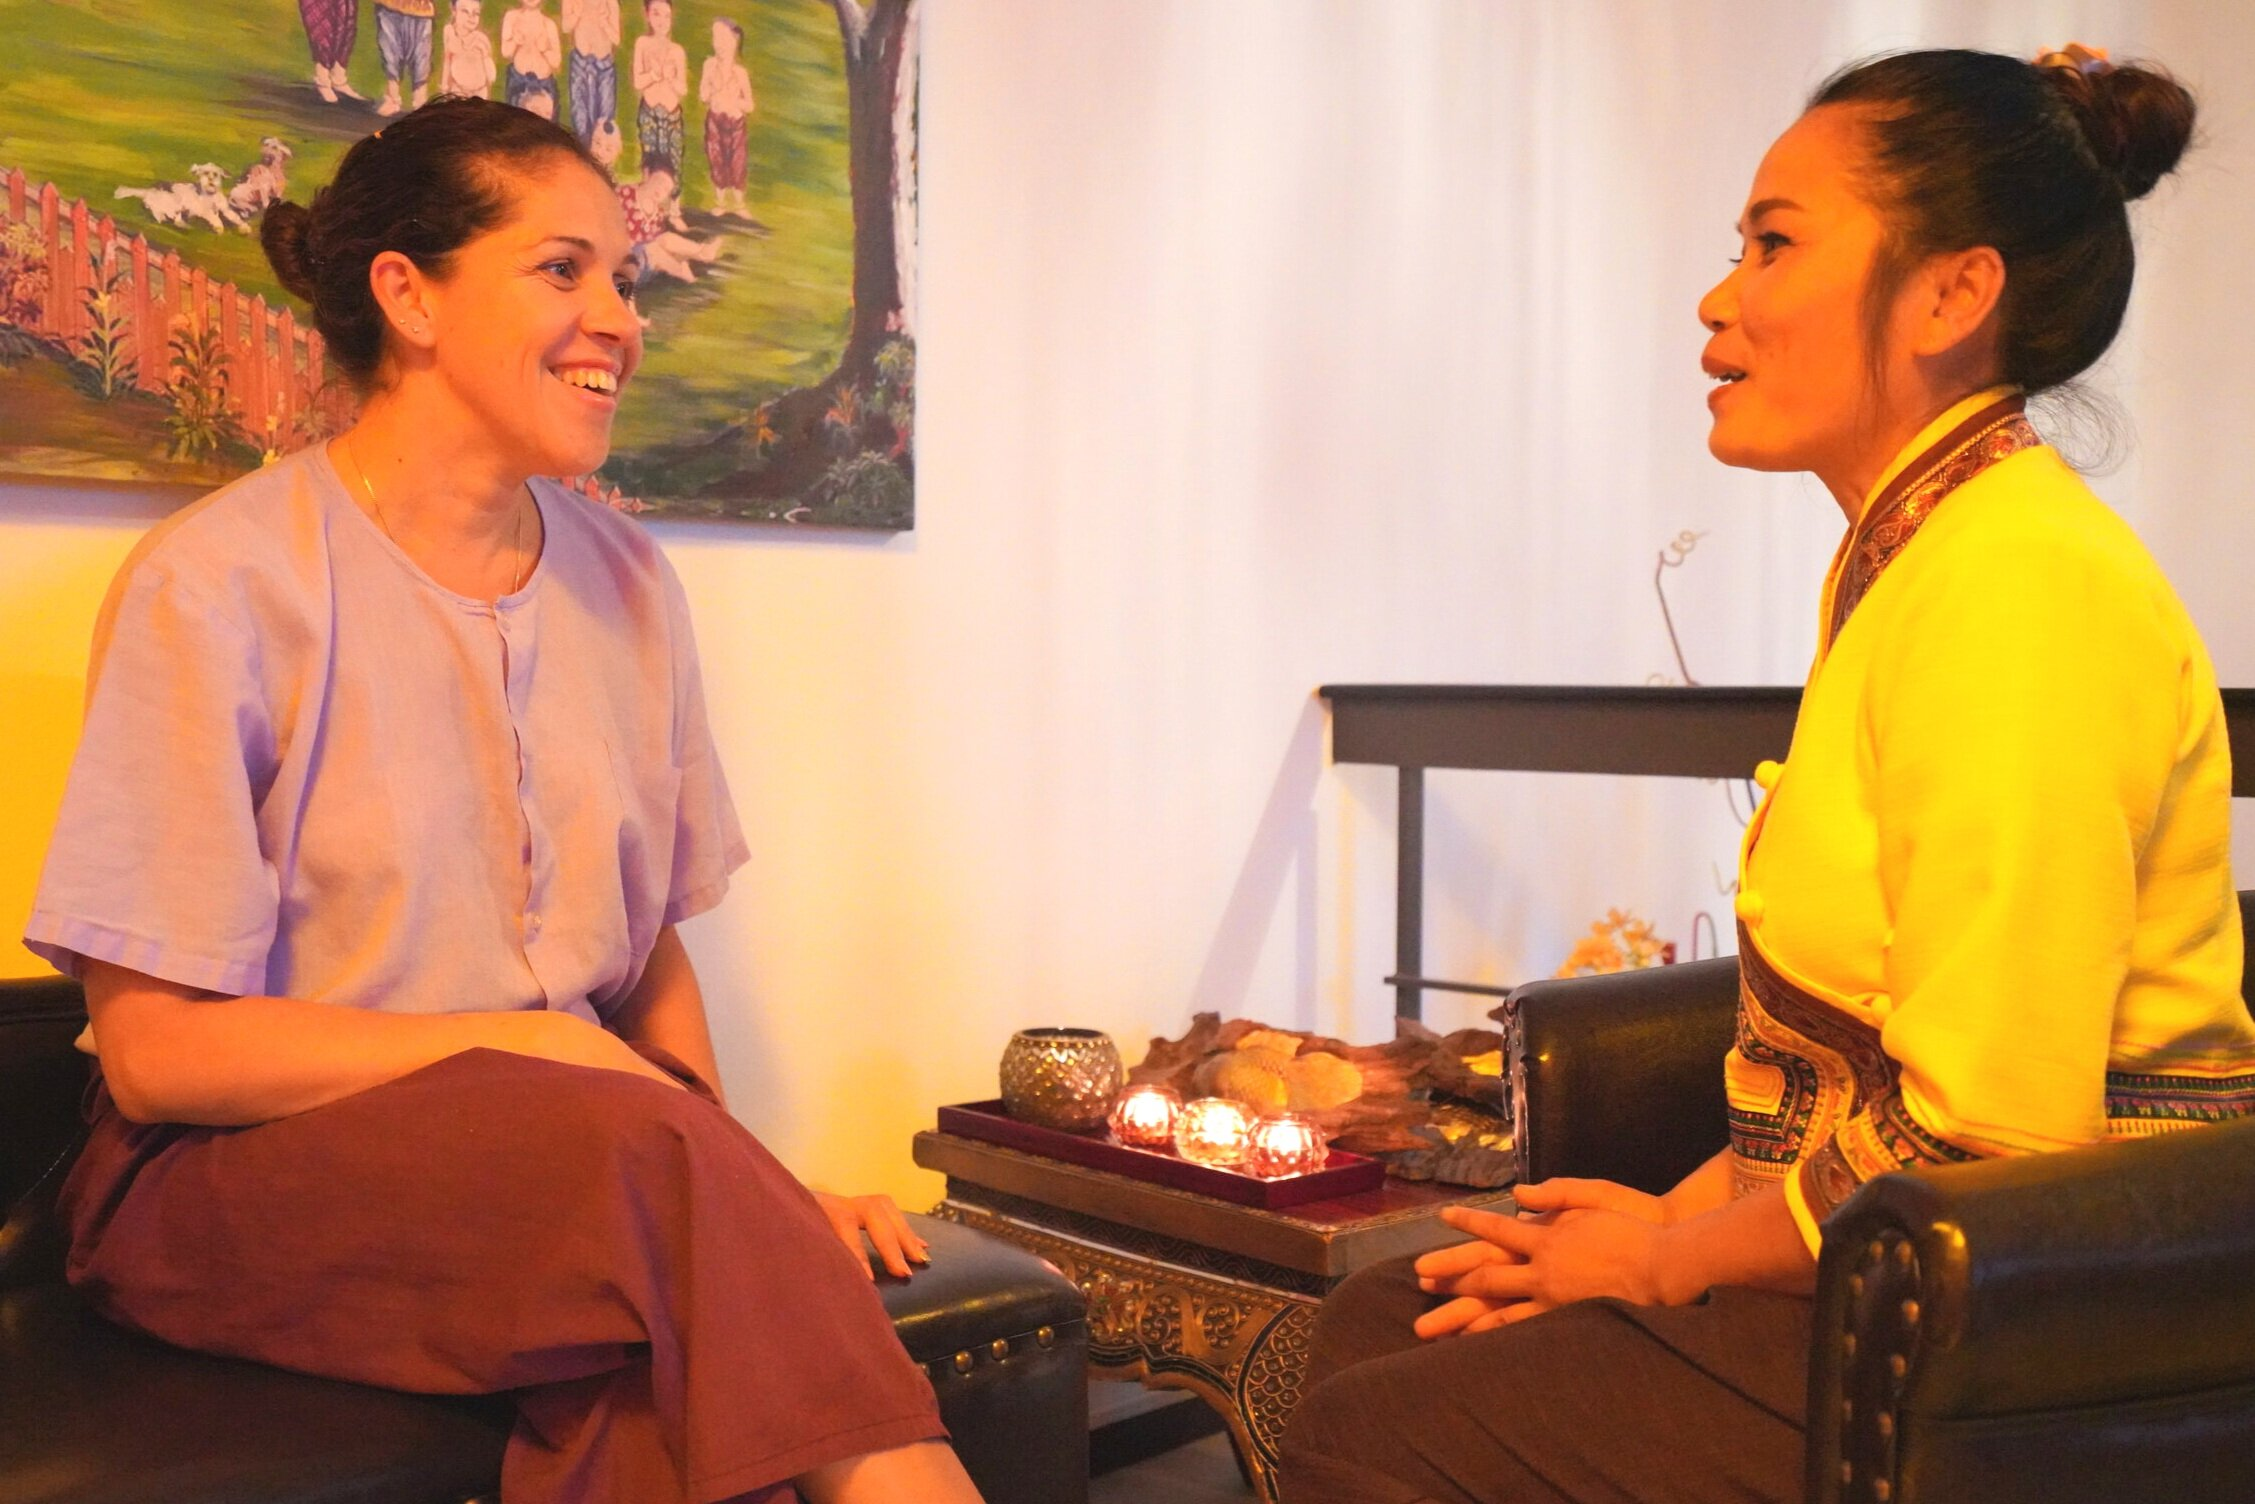 Ihre Bedürfnisse - In einem gemeinsamen Gespräch erfassen wir Ihre heutigen Bedürfnisse, damit Sie sich entspannt auf Ihre Massage einlassen können.